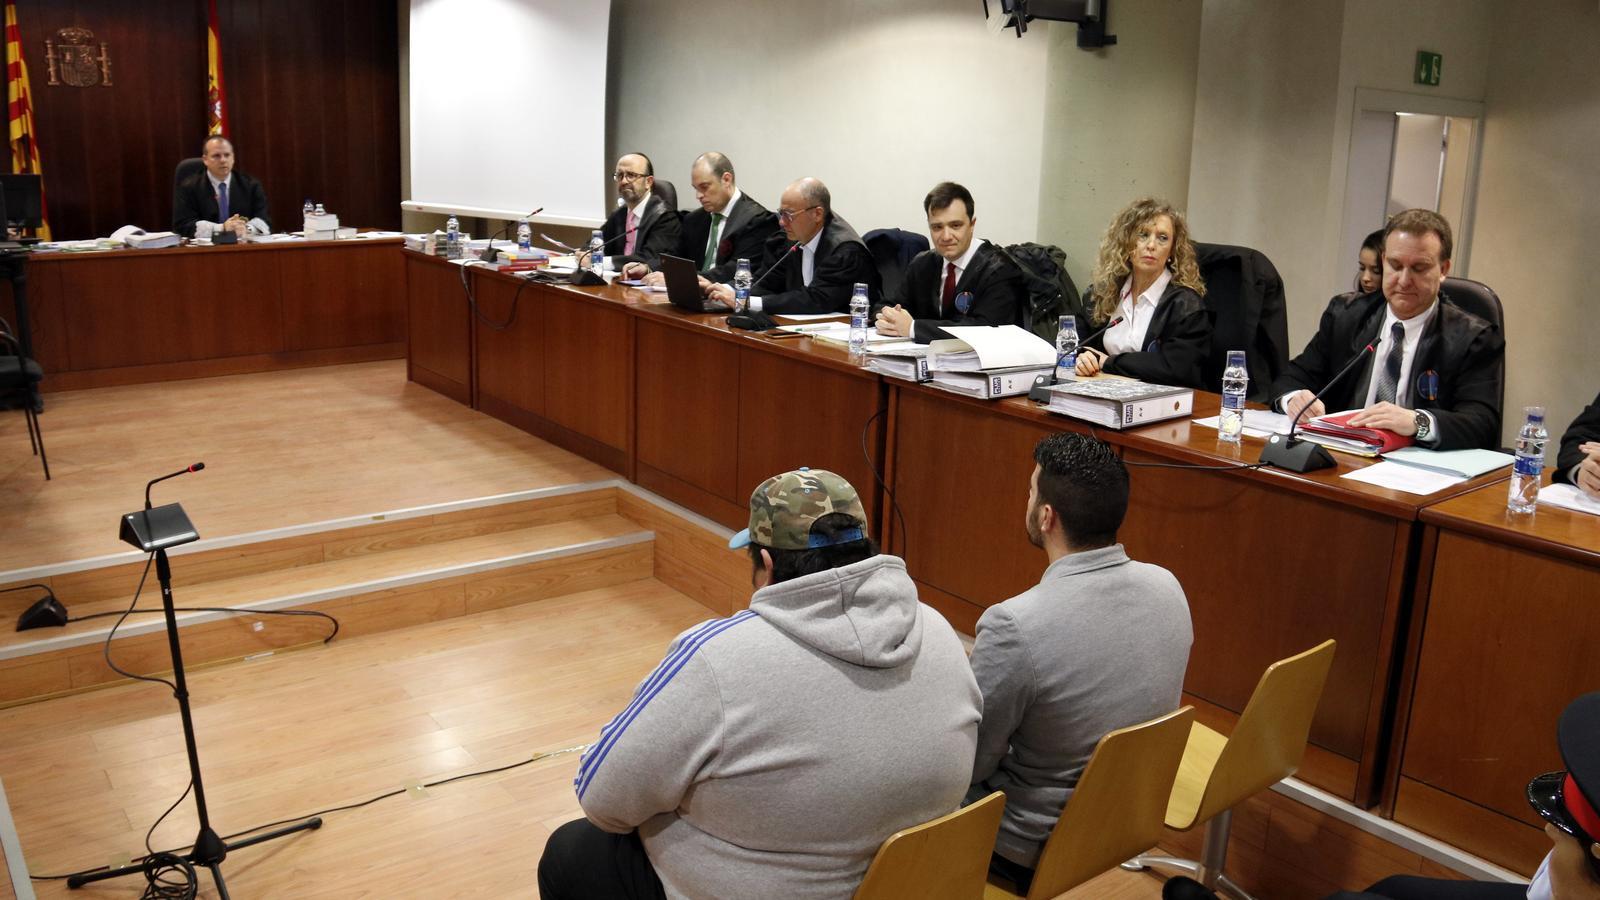 L'acusat pel doble crim d'Aspa llegeix una carta a les famílies en què els demana perdó fins a deu vegades